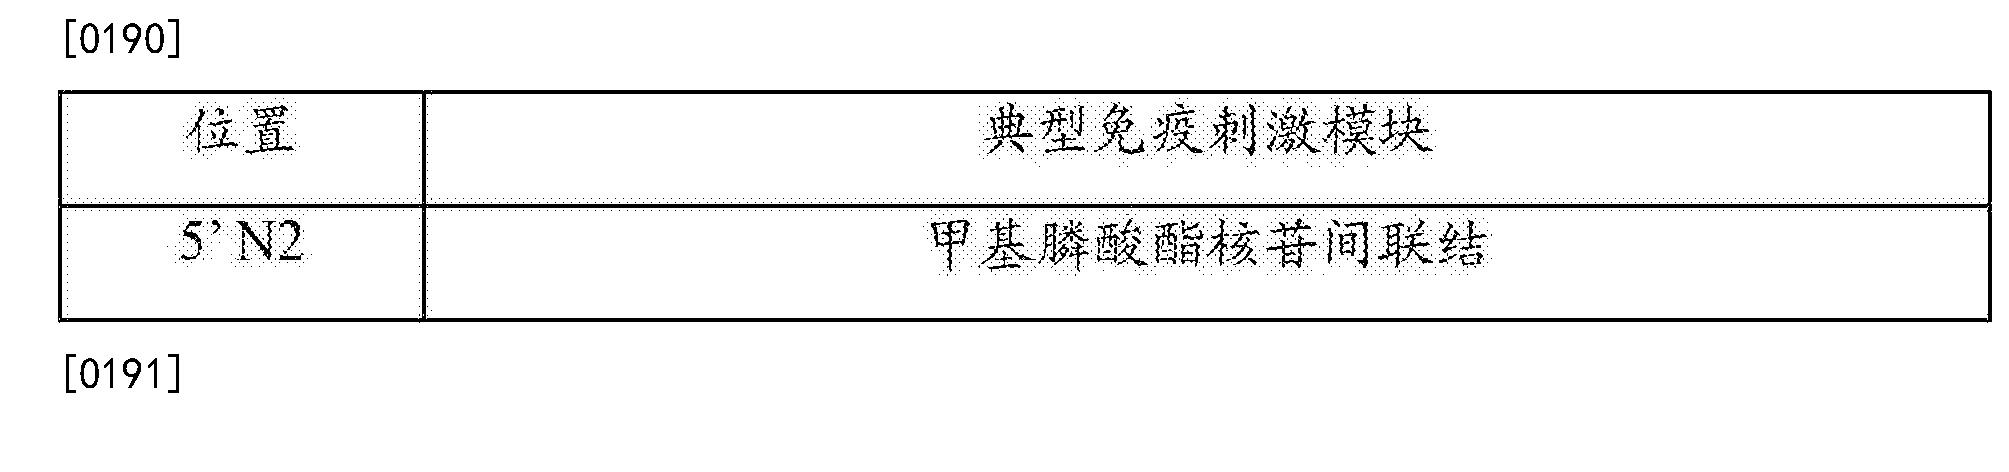 Figure CN102864152BD00162